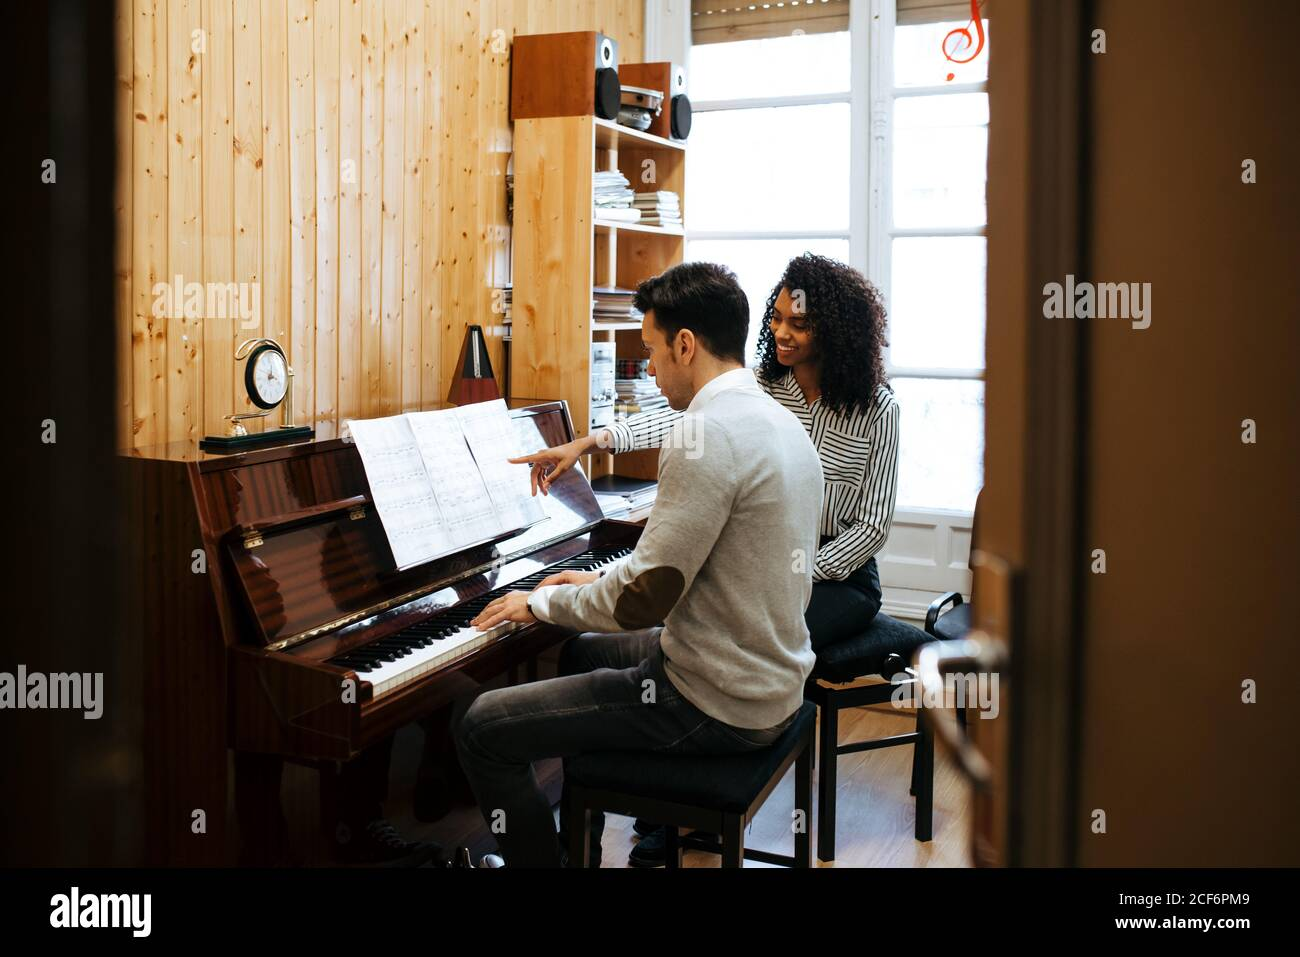 Jeune homme apprenant à jouer du piano près d'une femme noire enseignante en studio de musique Banque D'Images